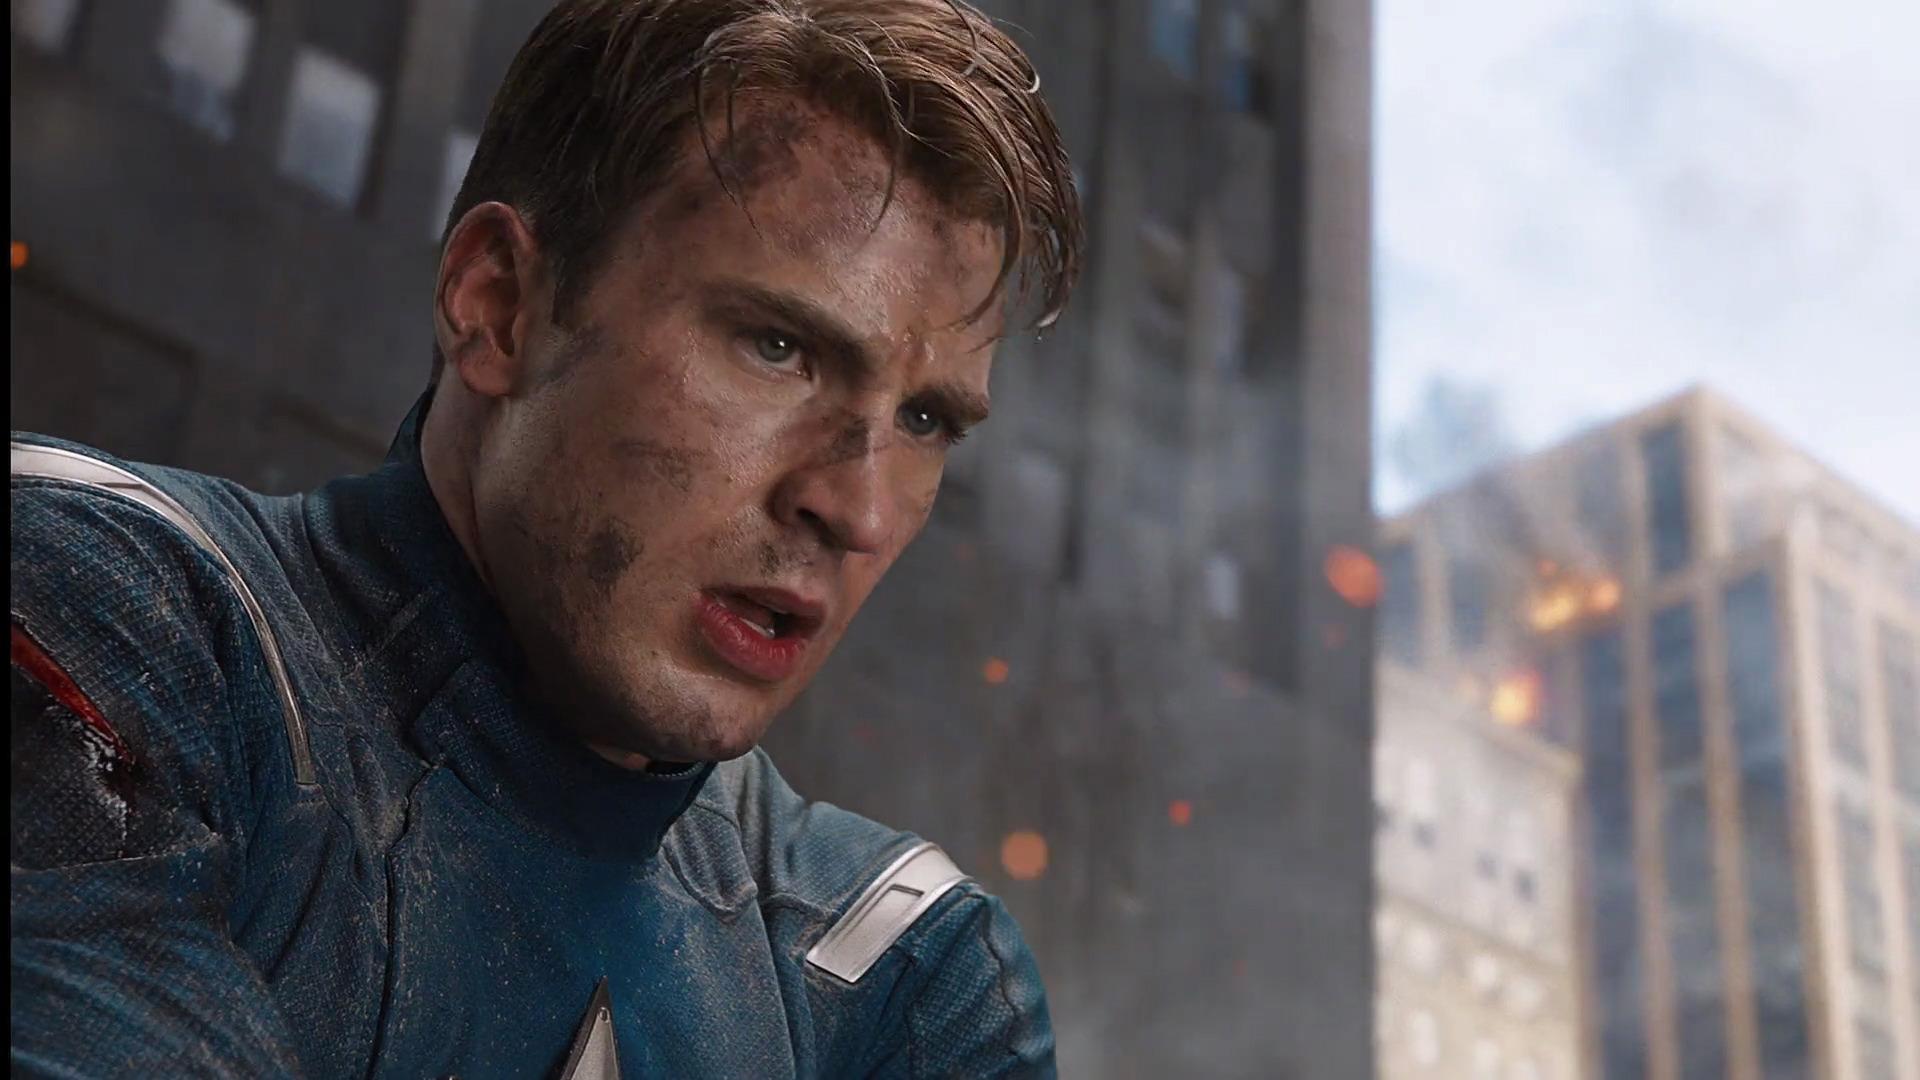 Random images Steve Rogers Captain America Scene HD 1920x1080